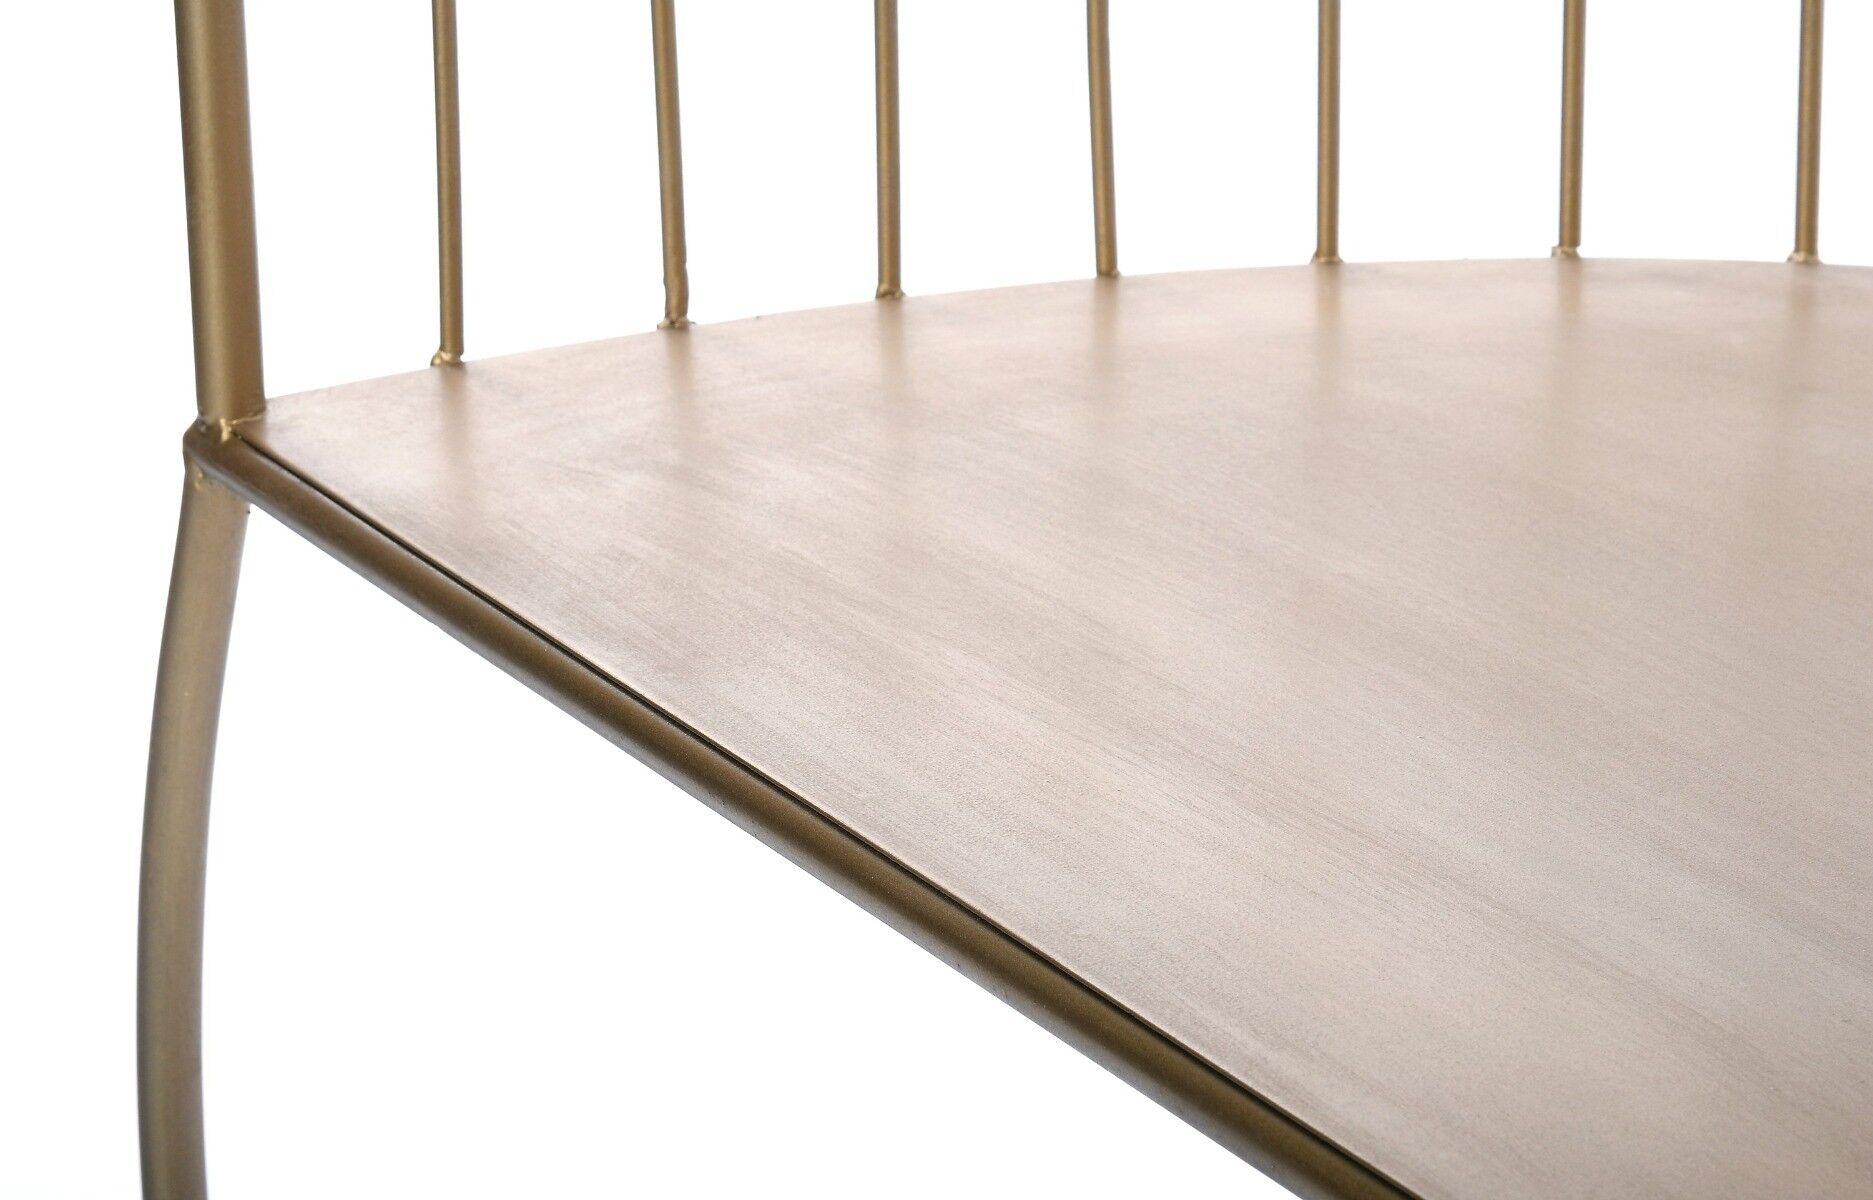 Fotel klatka Atelier 85x51x193cm